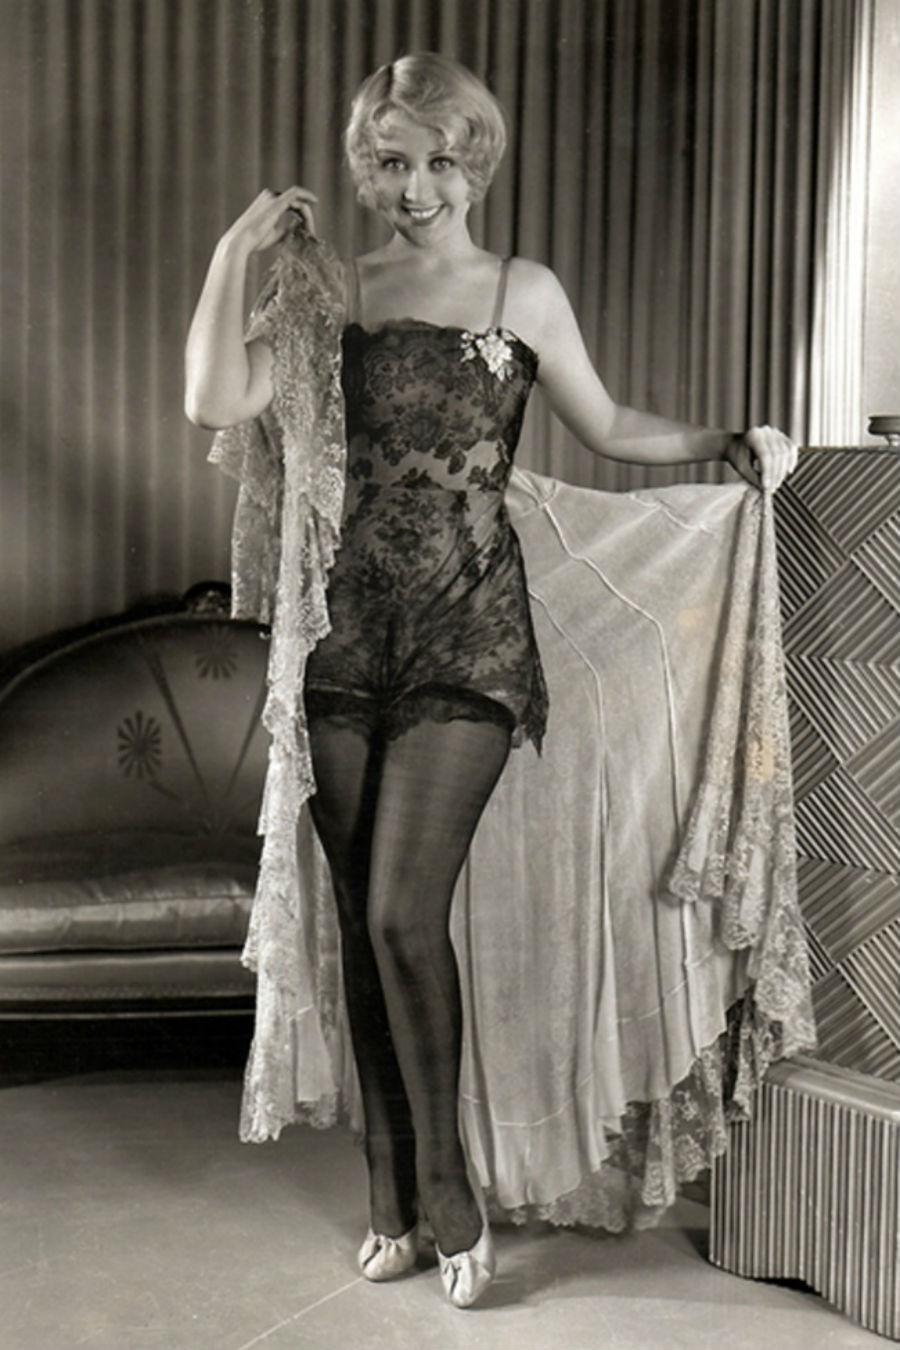 Начиная с 1930-х неотъемлемой частью образа женщин стали чулки. Такое изменение было спровоцировано